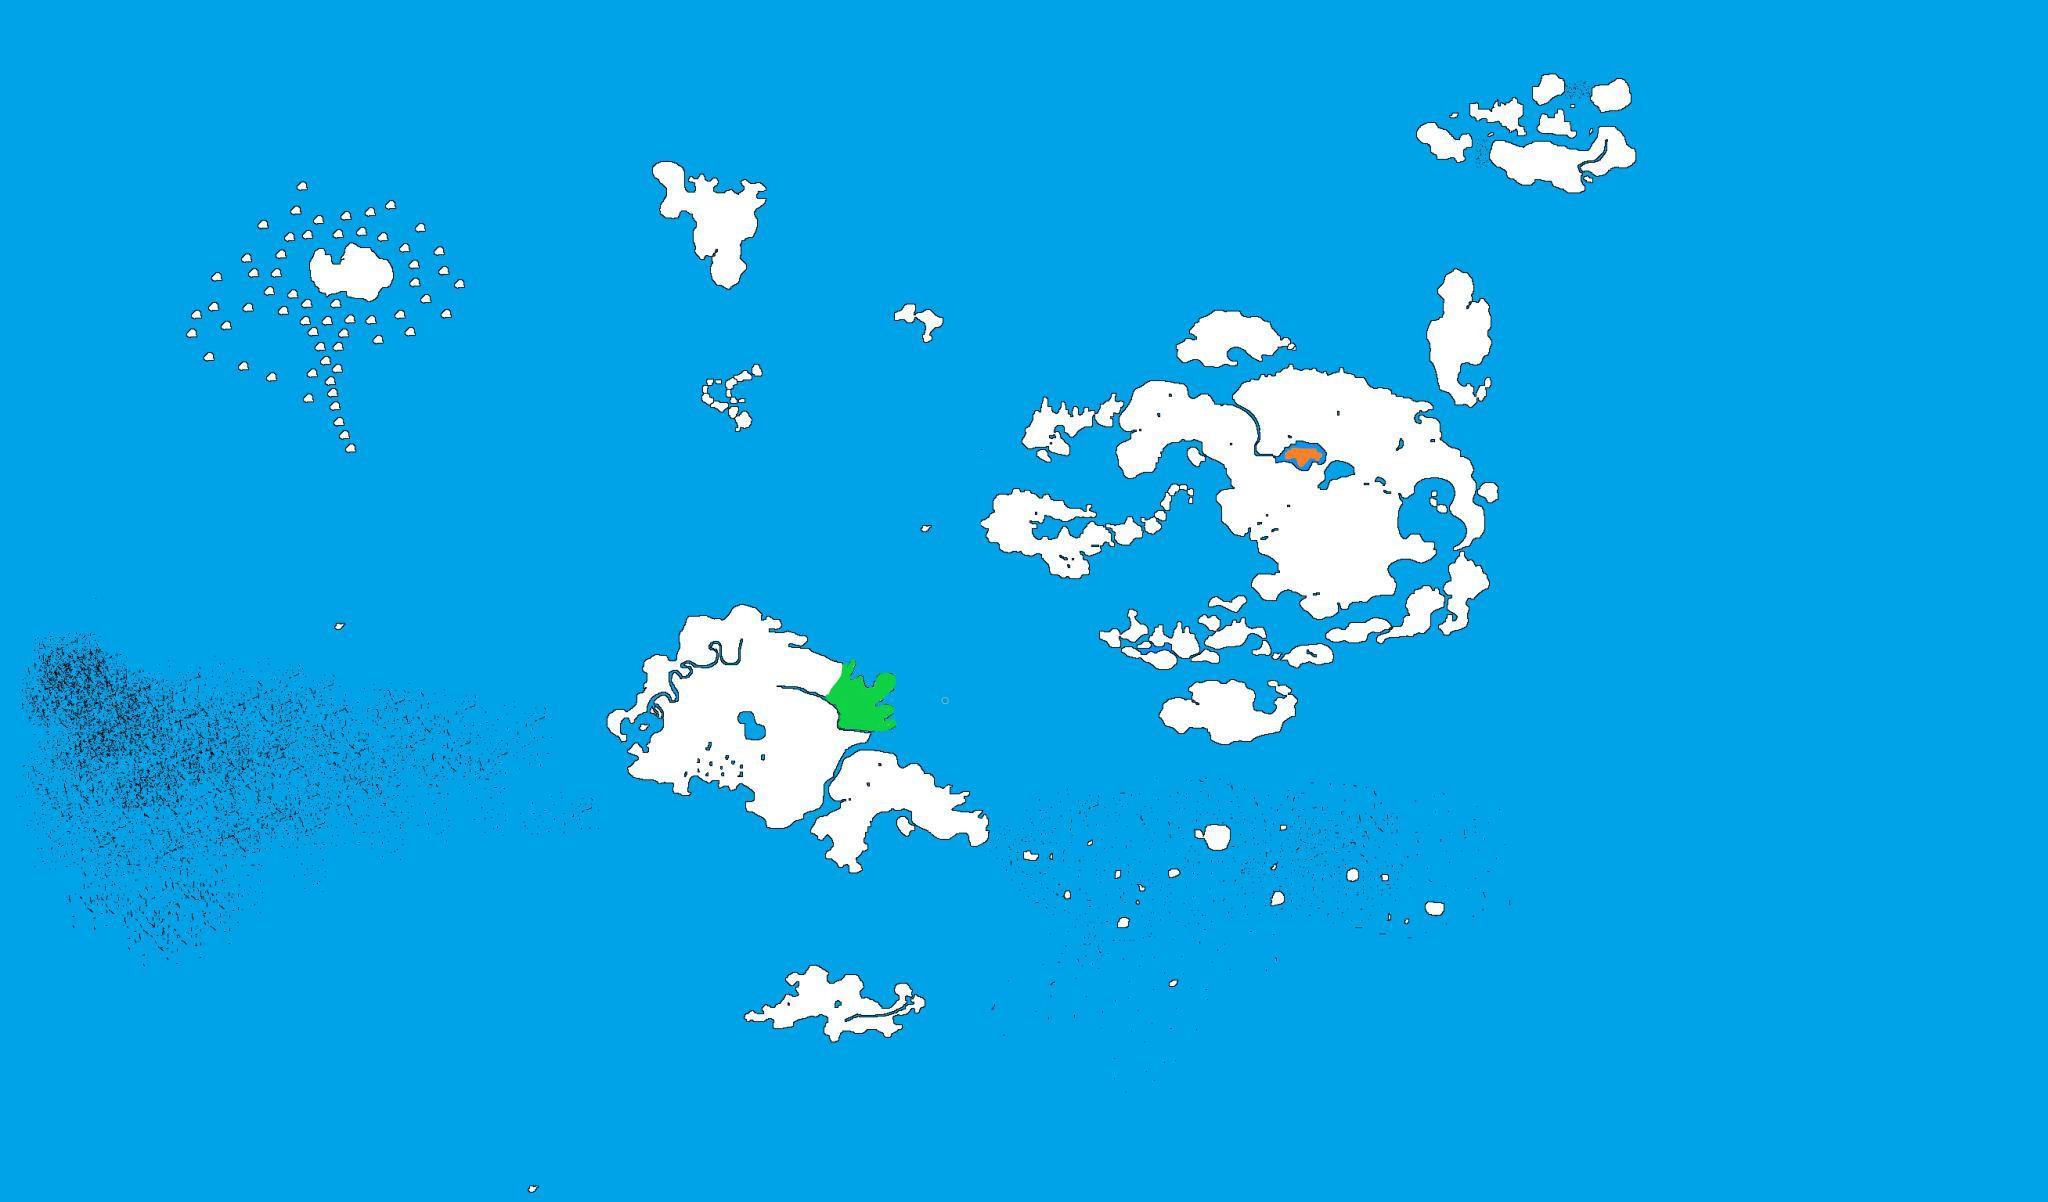 Zdjęcie użytkownika Deuslovult w temacie Mapa i wybór miejsca dla państwa